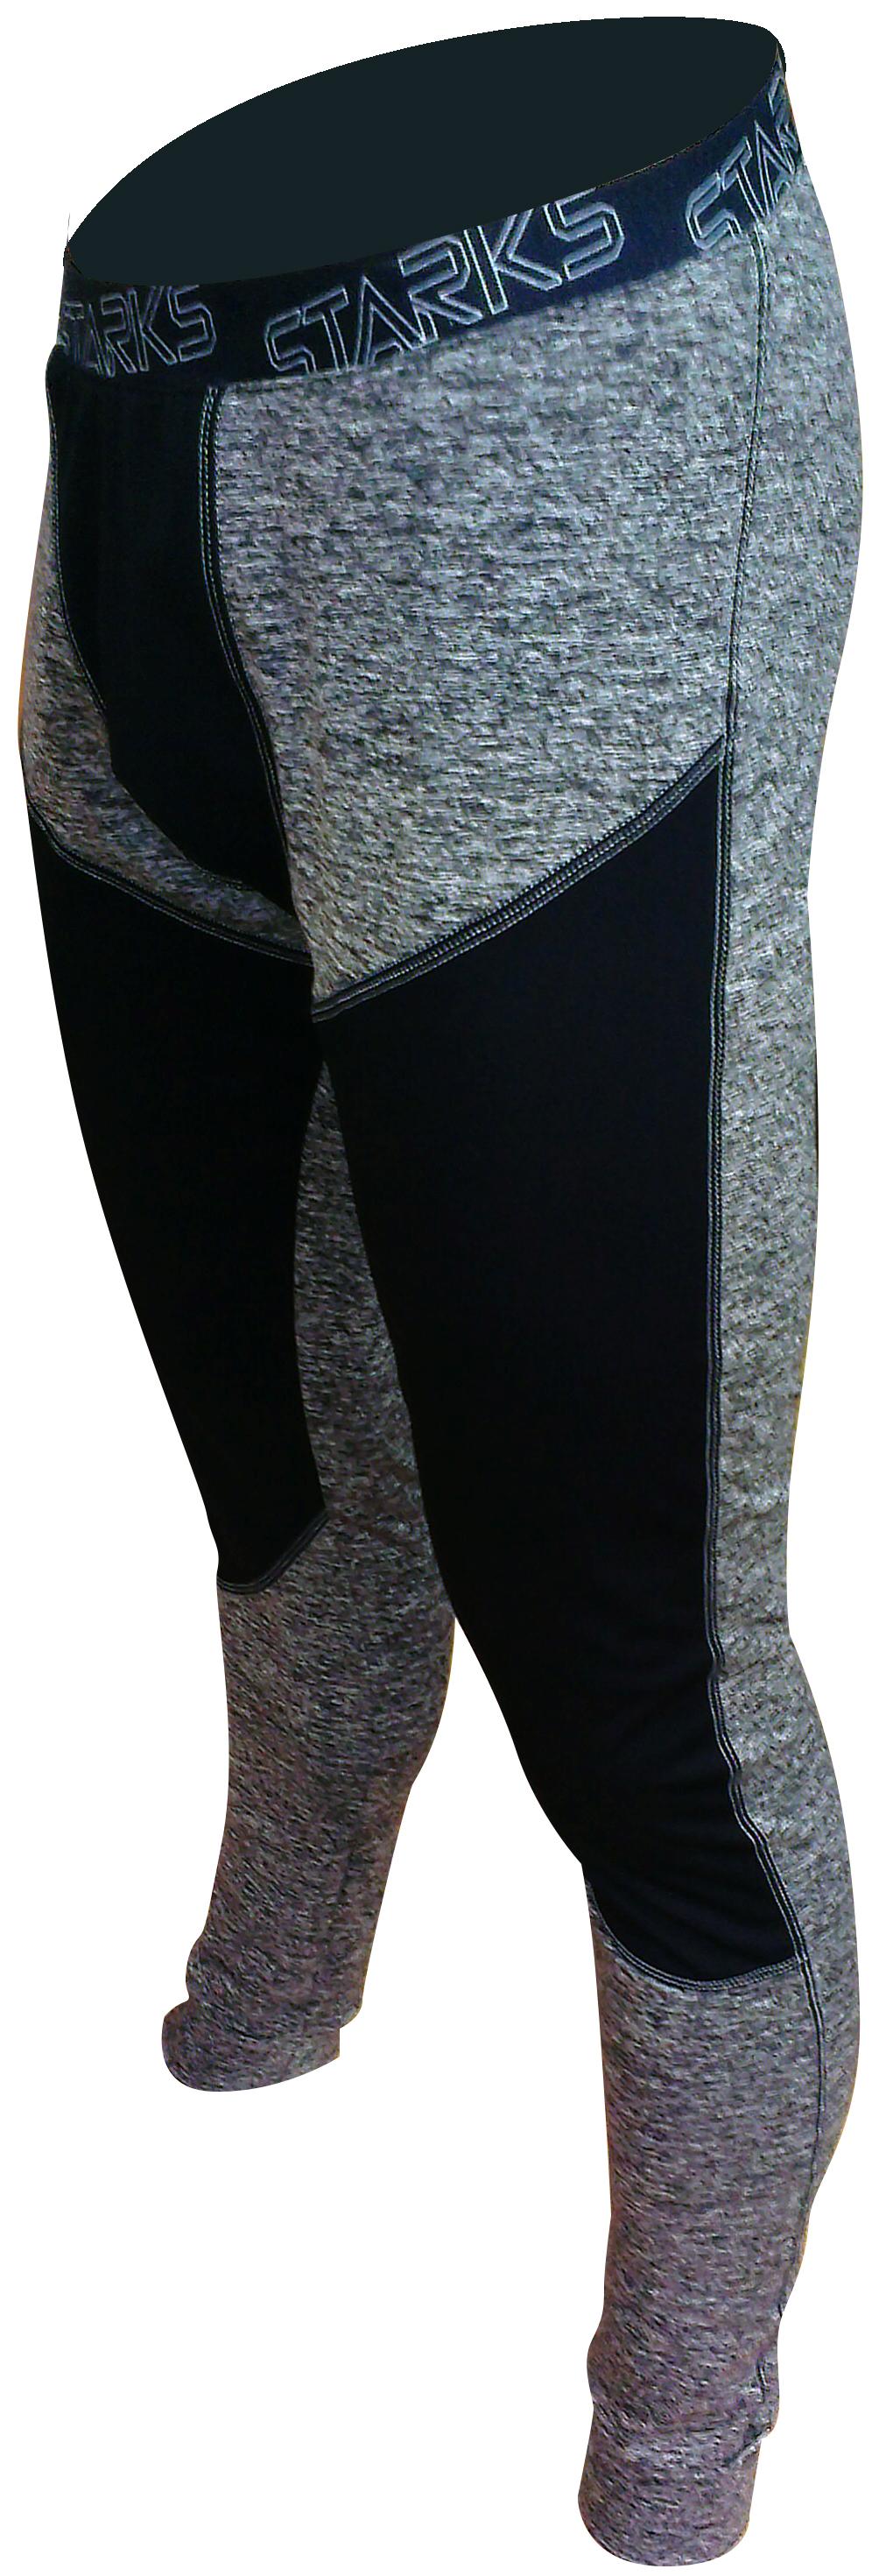 """Термобелье брюки Starks """"Warm Extreme"""", зимние, цвет: черный. Размер XXL"""